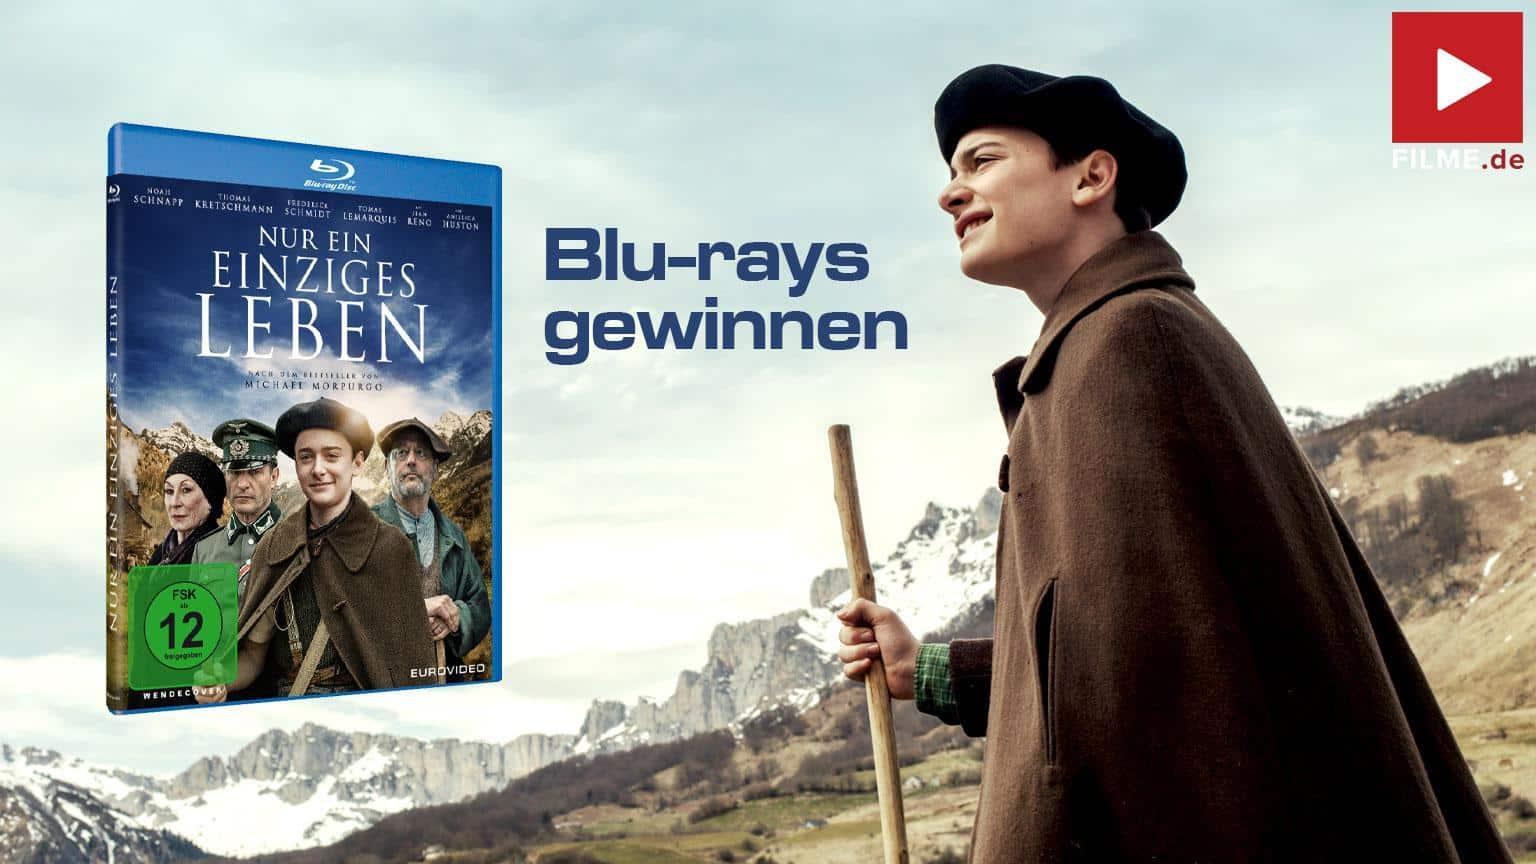 Nur ein einziges Leben gewinnspiel gewinnen shop kaufen Blu-ray DVD Artikelbild